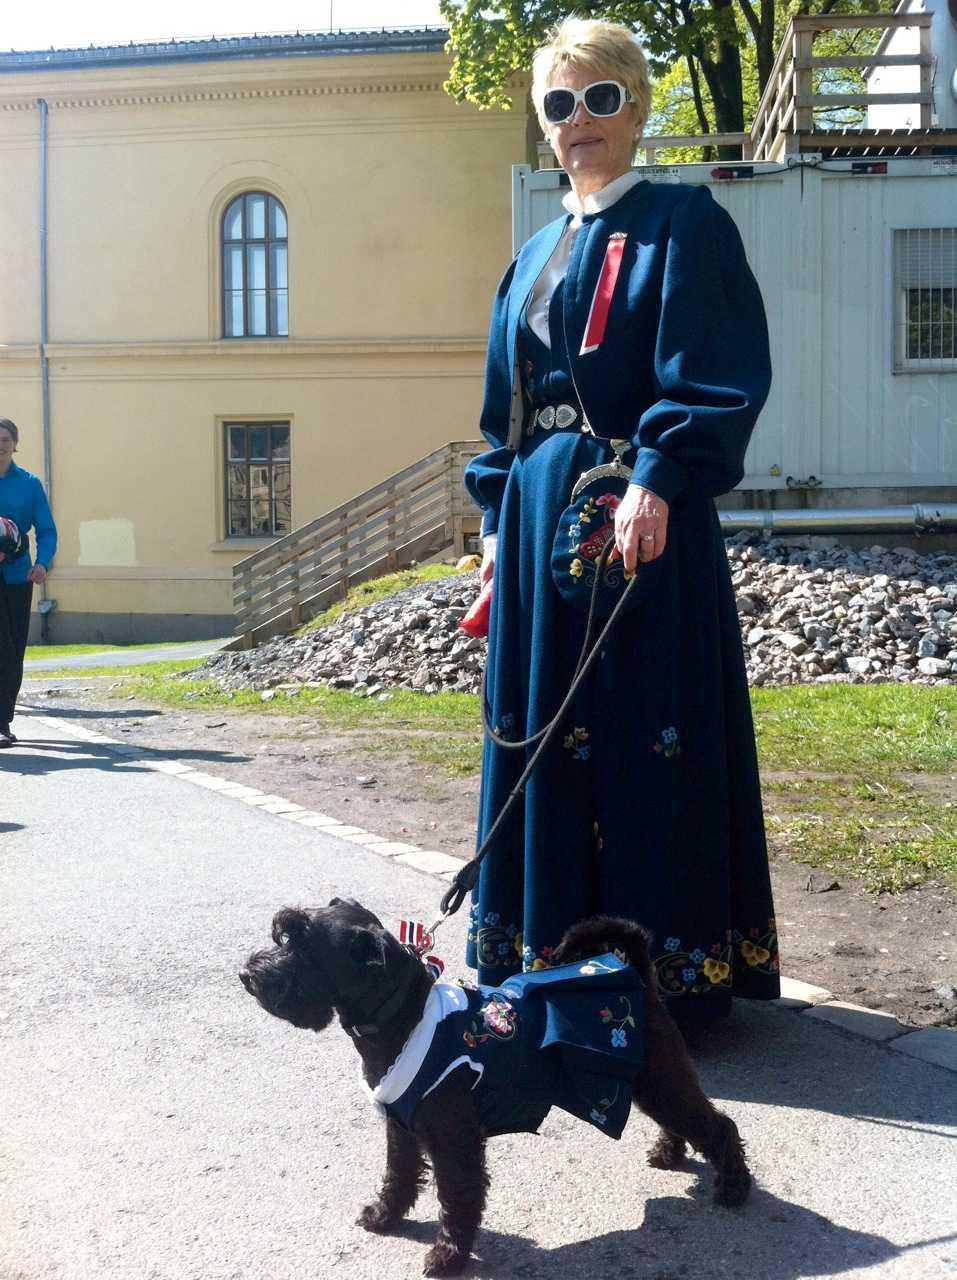 """Flink i fingrarna Bjørg Mangor, 63, har sytt hunden Pias klänning själv. """"17 maj är alltid härlig här, men jag känner av stämningen extra mycket idag"""", säger hon."""